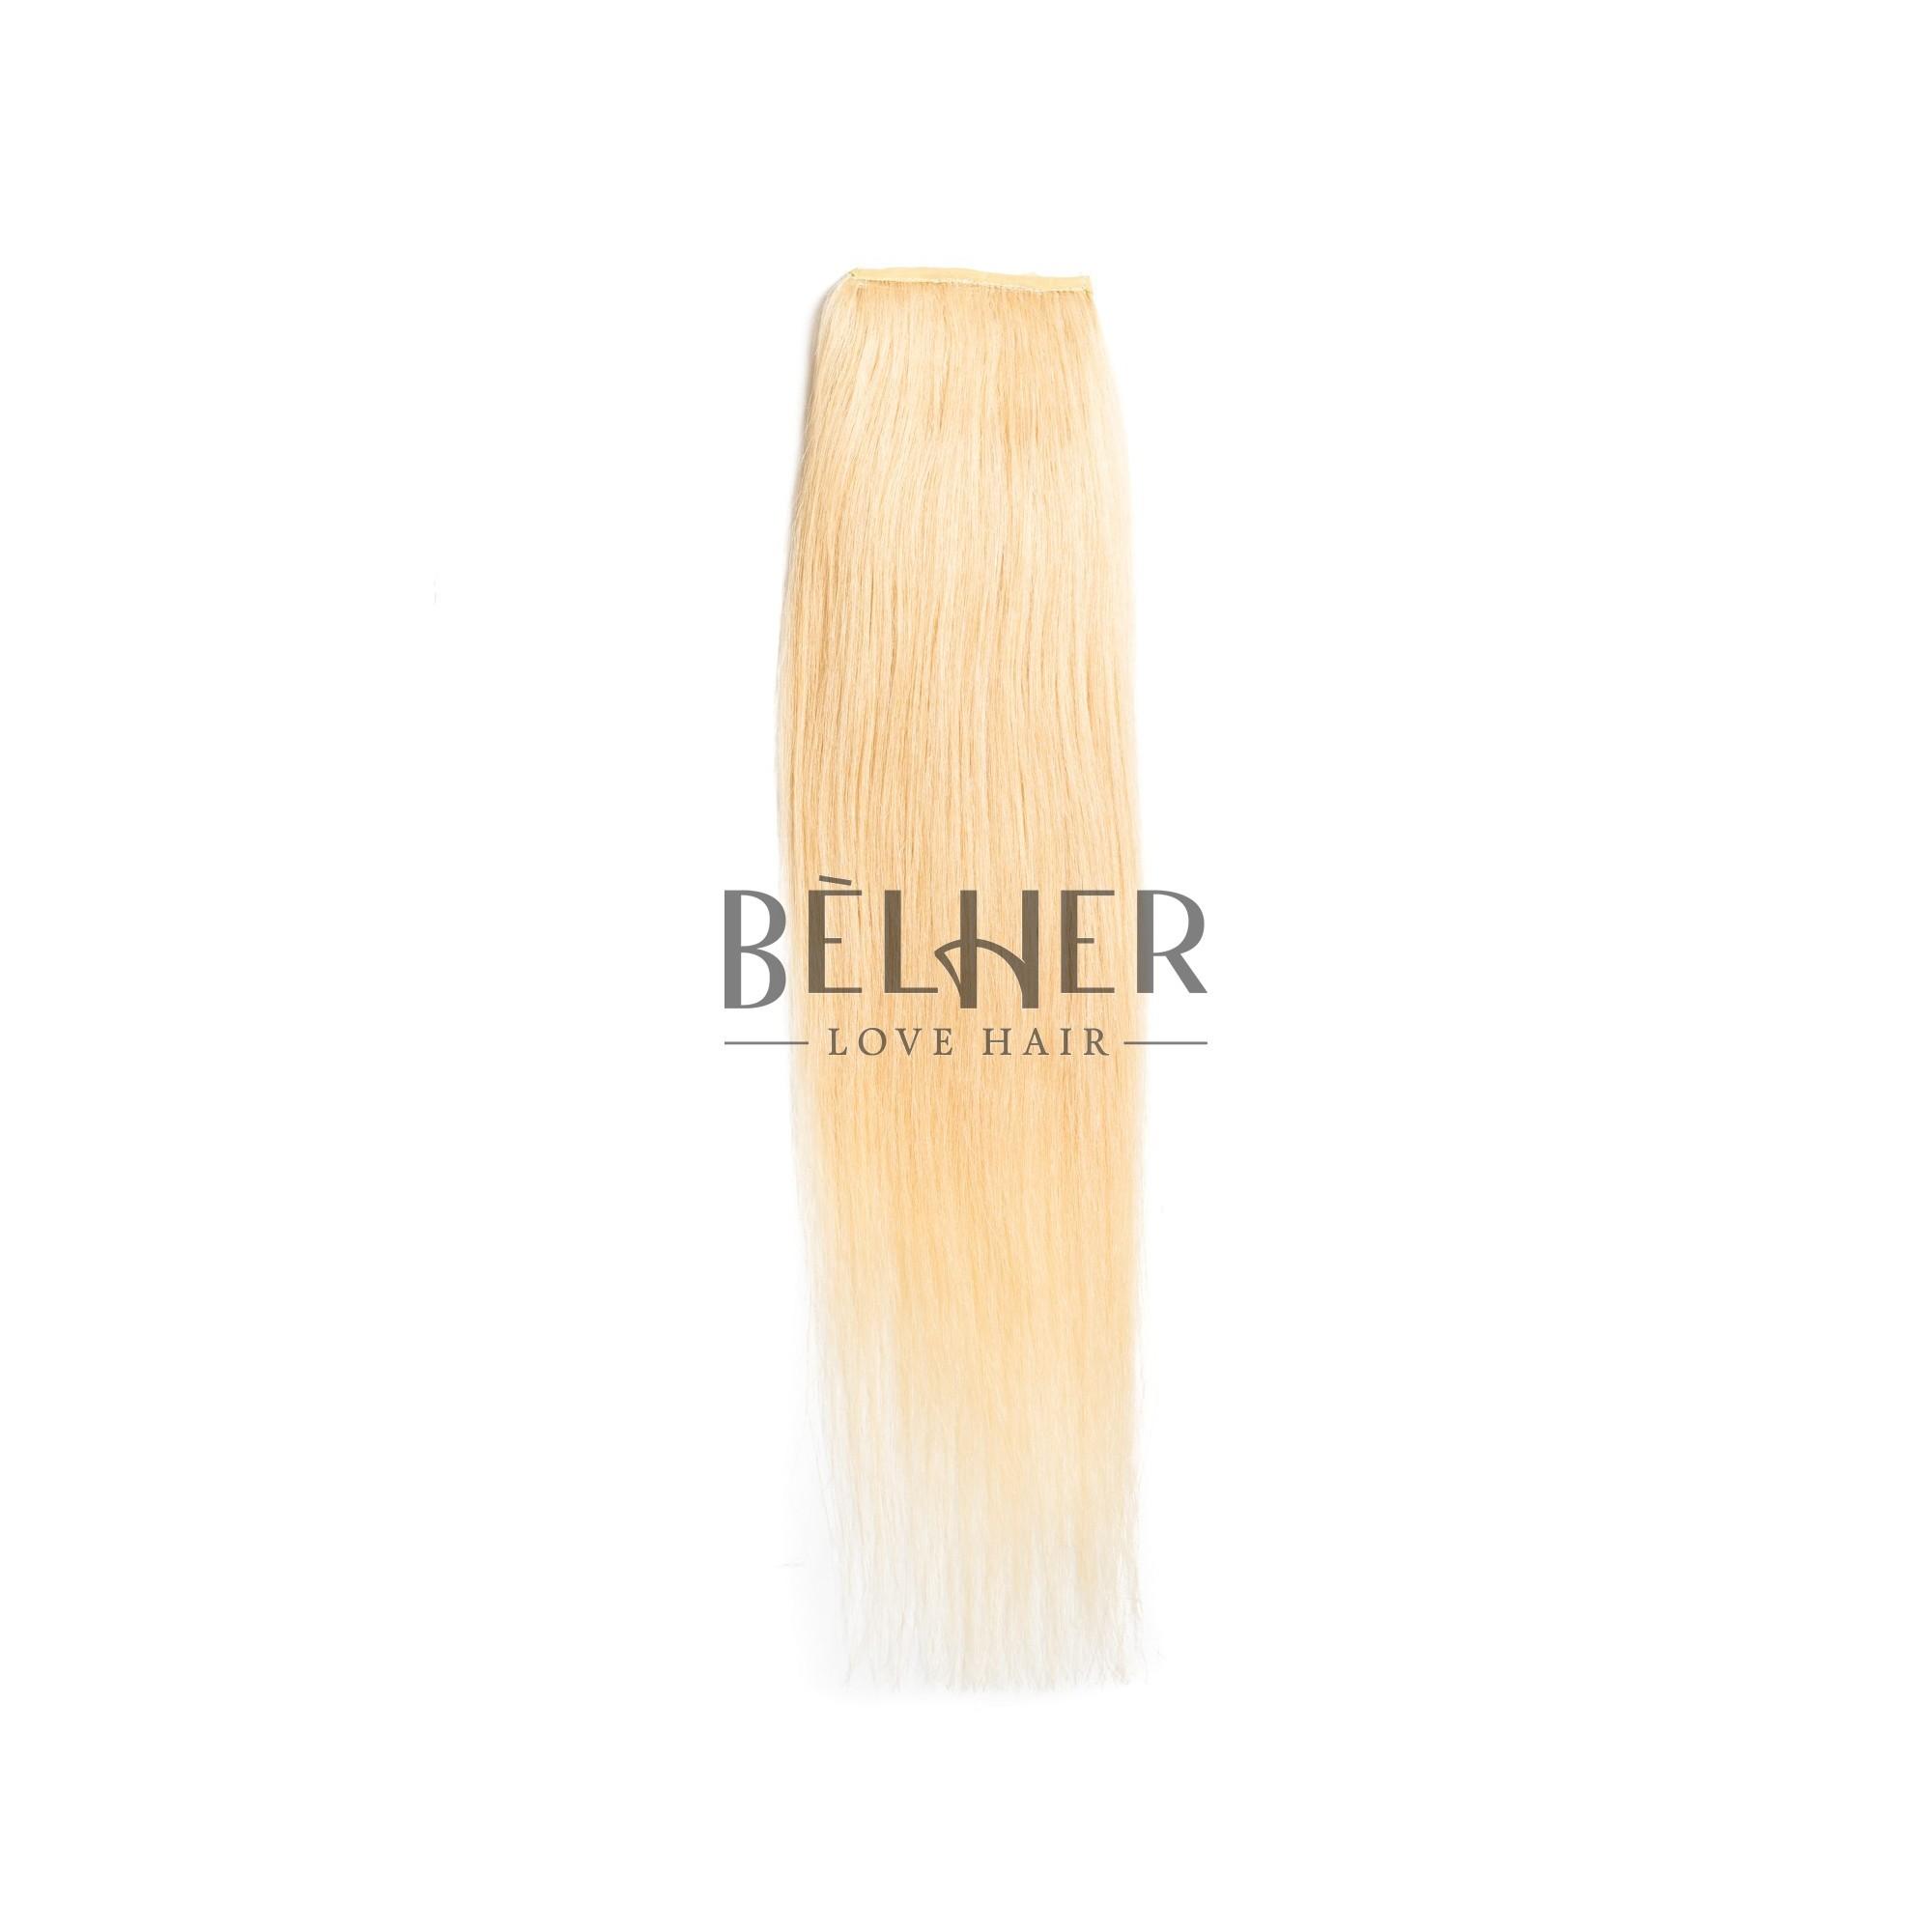 Coada Premium Blond Platinat